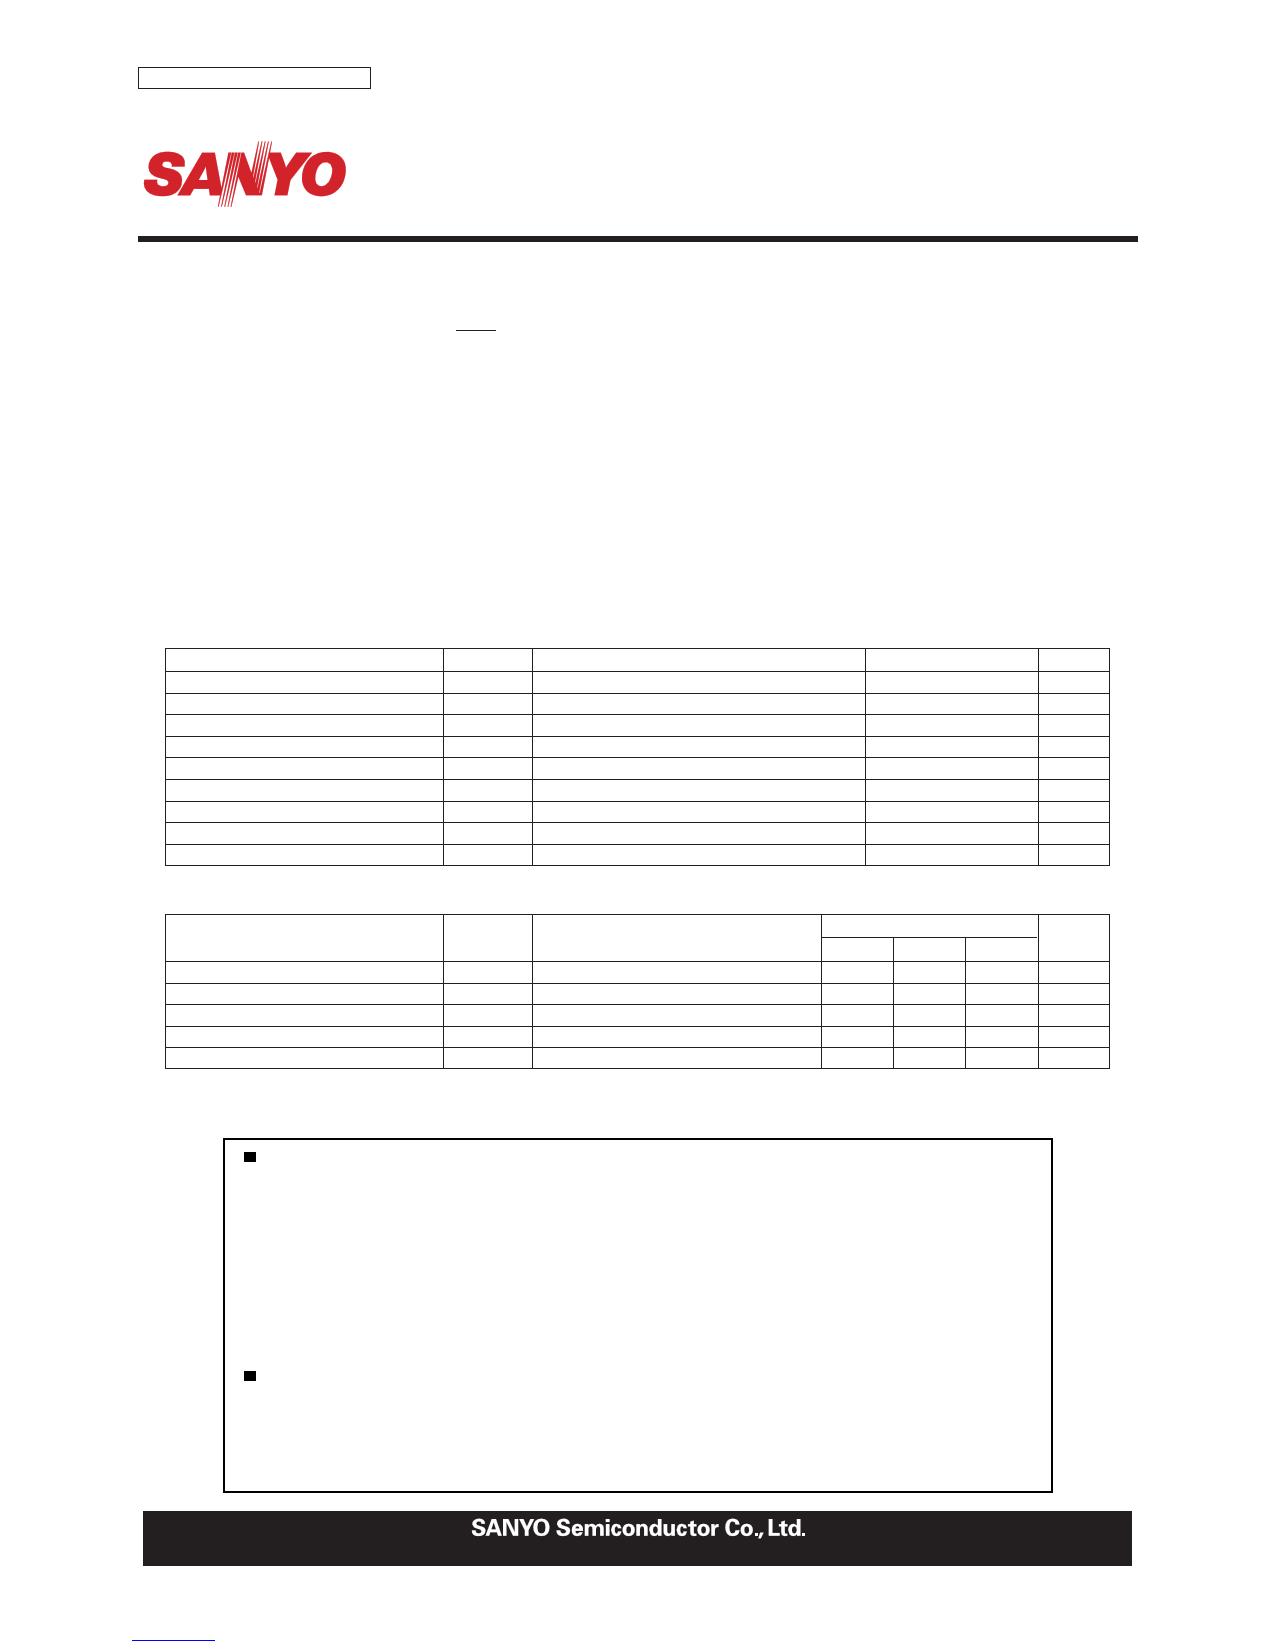 2SC4919-S 데이터시트 및 2SC4919-S PDF